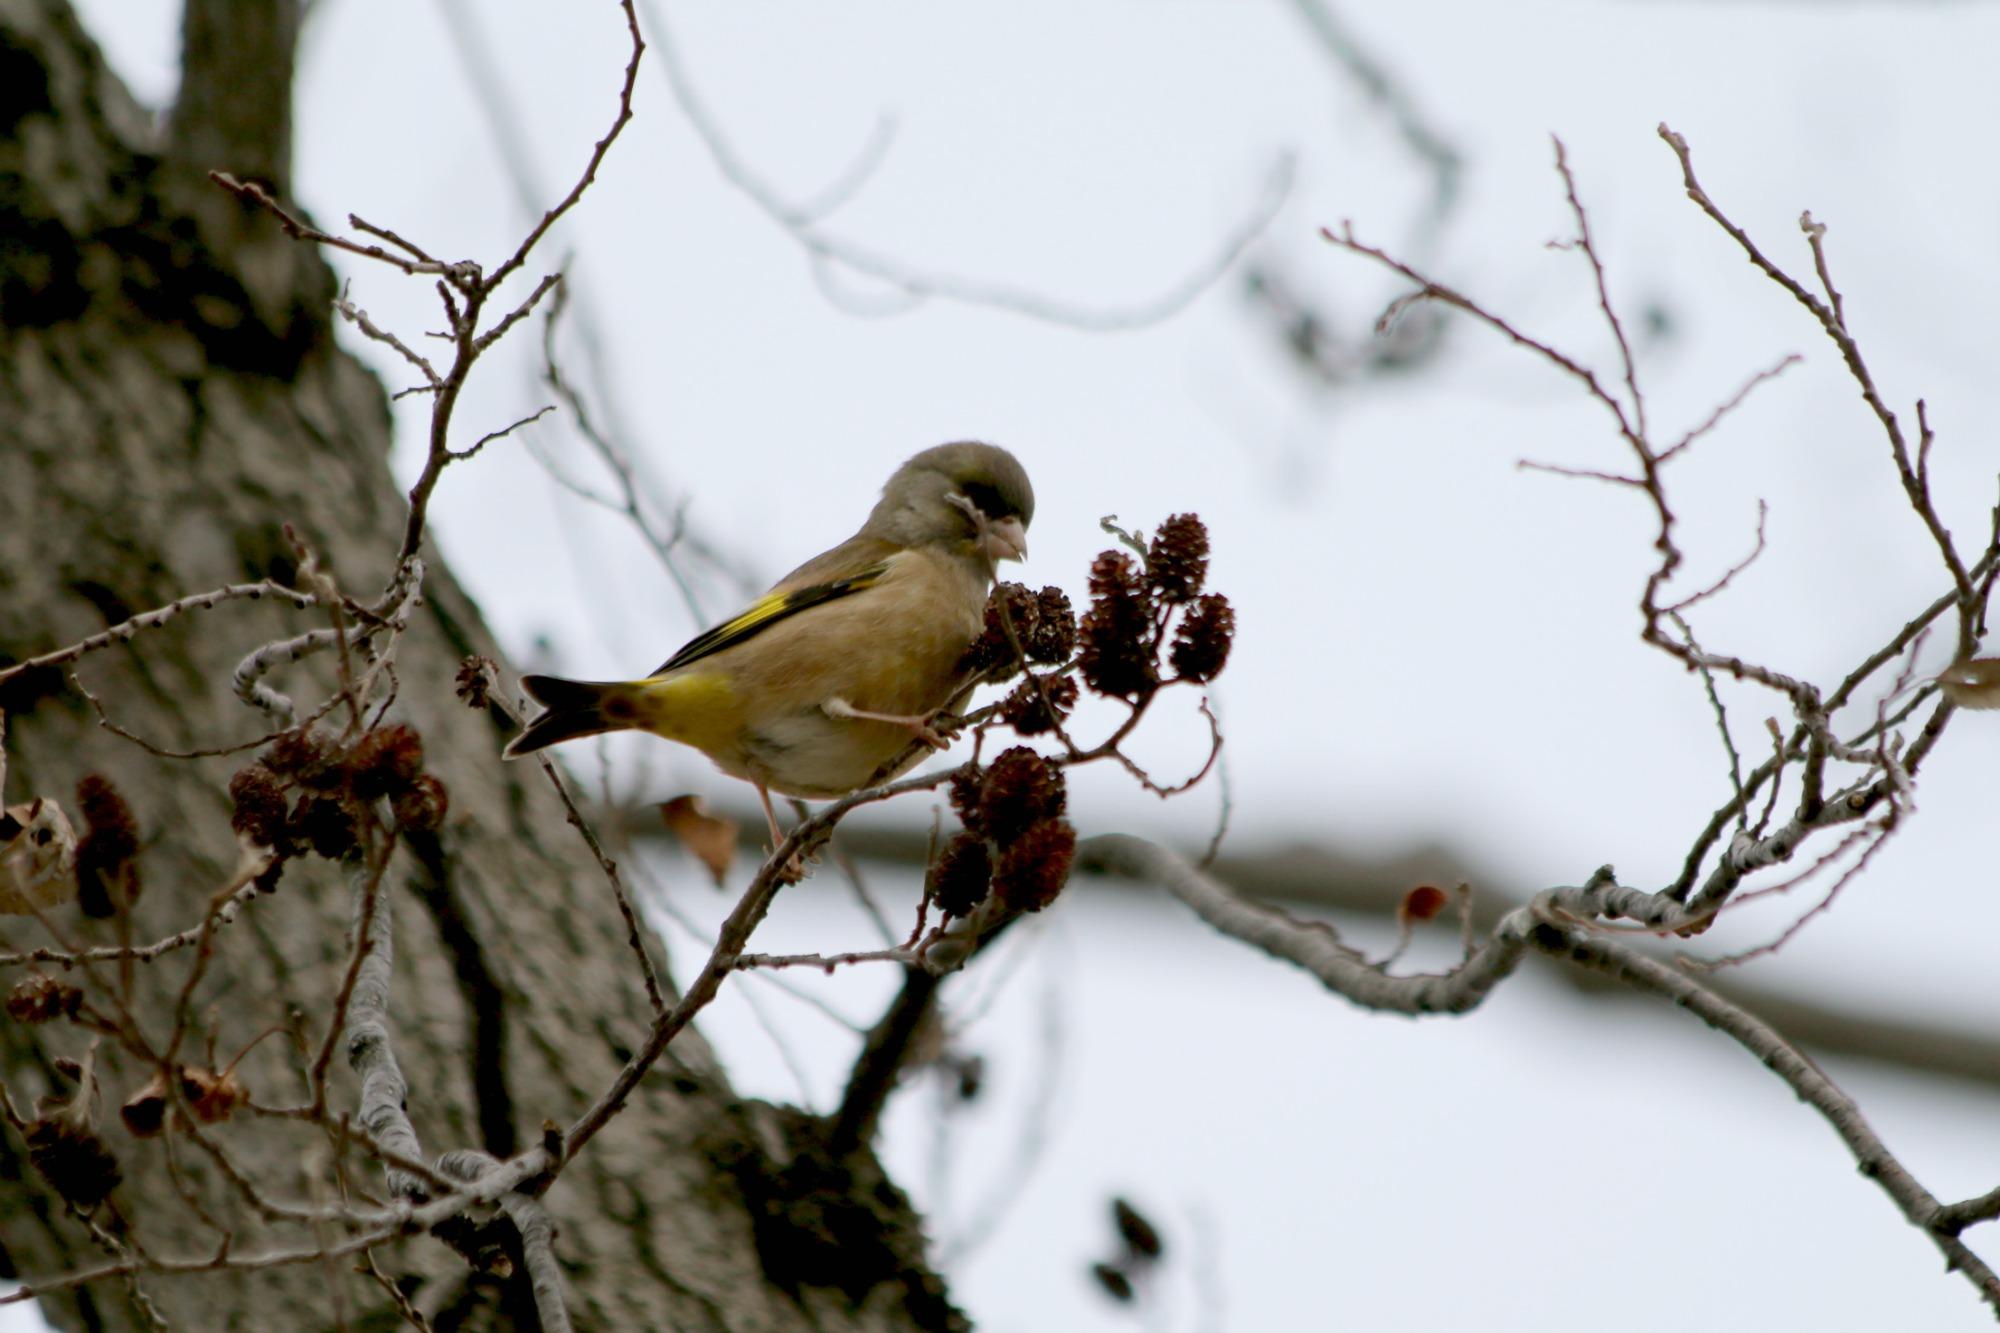 水元公園の鳥さんたち_a0127090_212698.jpg